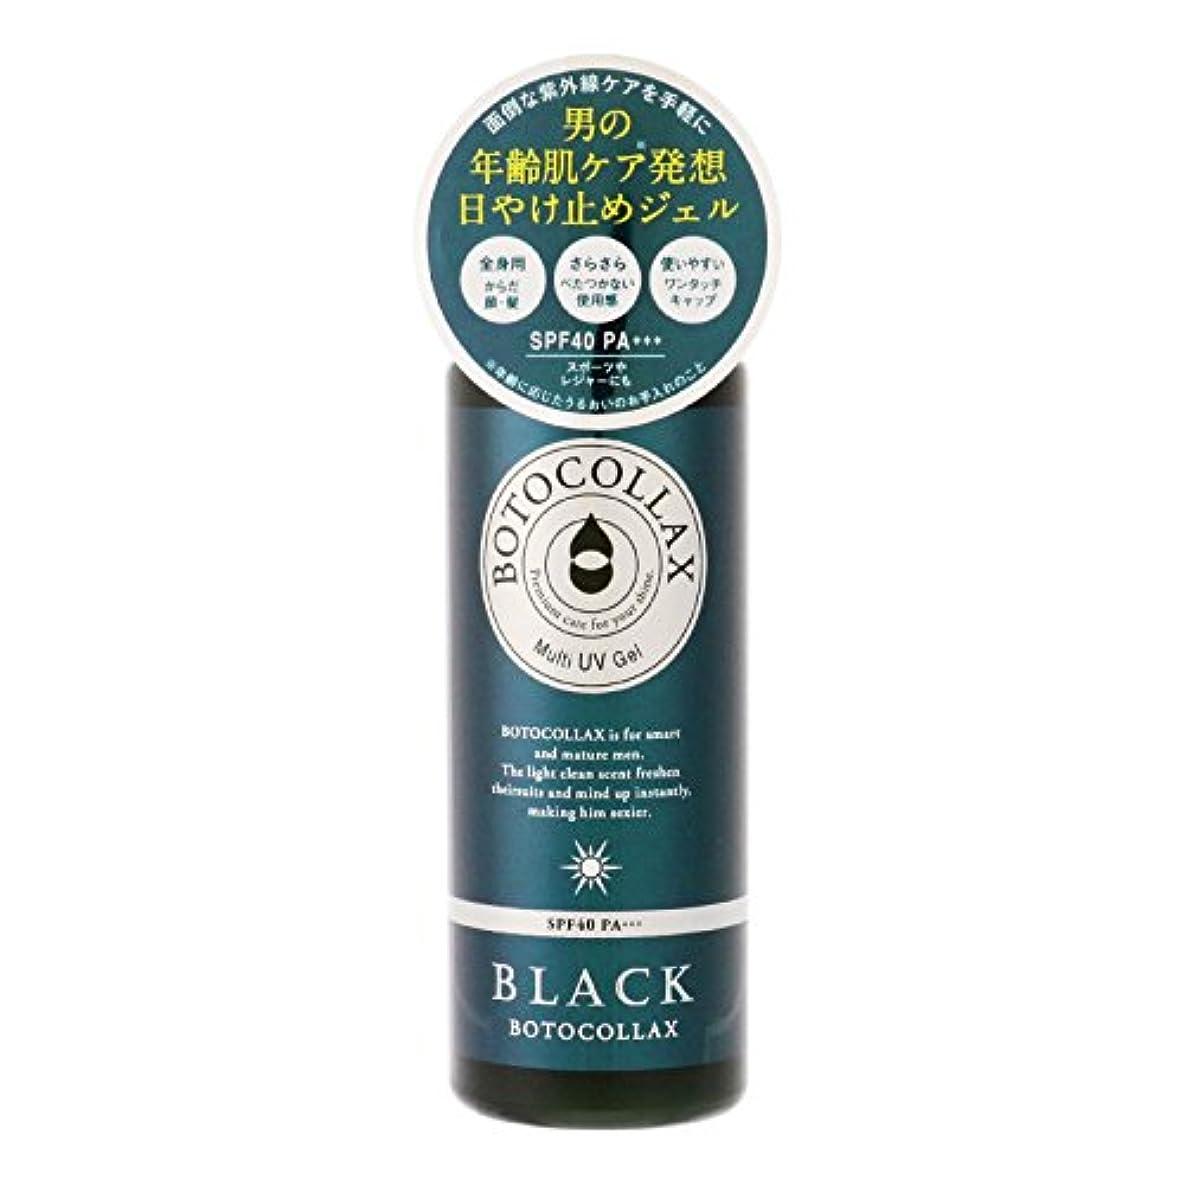 ピラミッド宿インディカボトコラックスブラック オーシャン マルチUVジェル ベルガモットグリーンの香り 70g